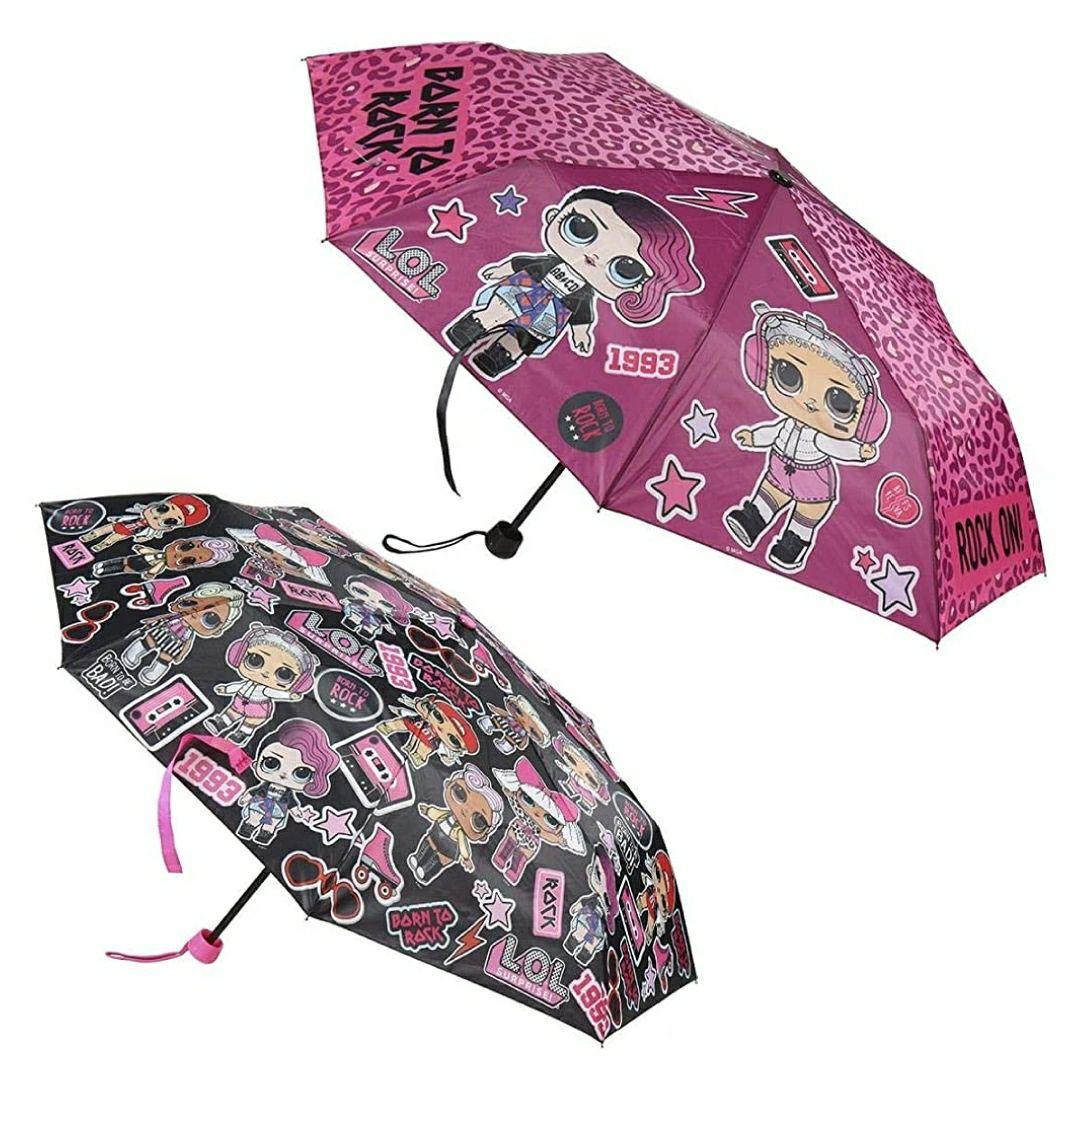 Paraguas de Mano Plegable para Niños de LOL Surprise - Licencia Oficial MGA, Multicolor